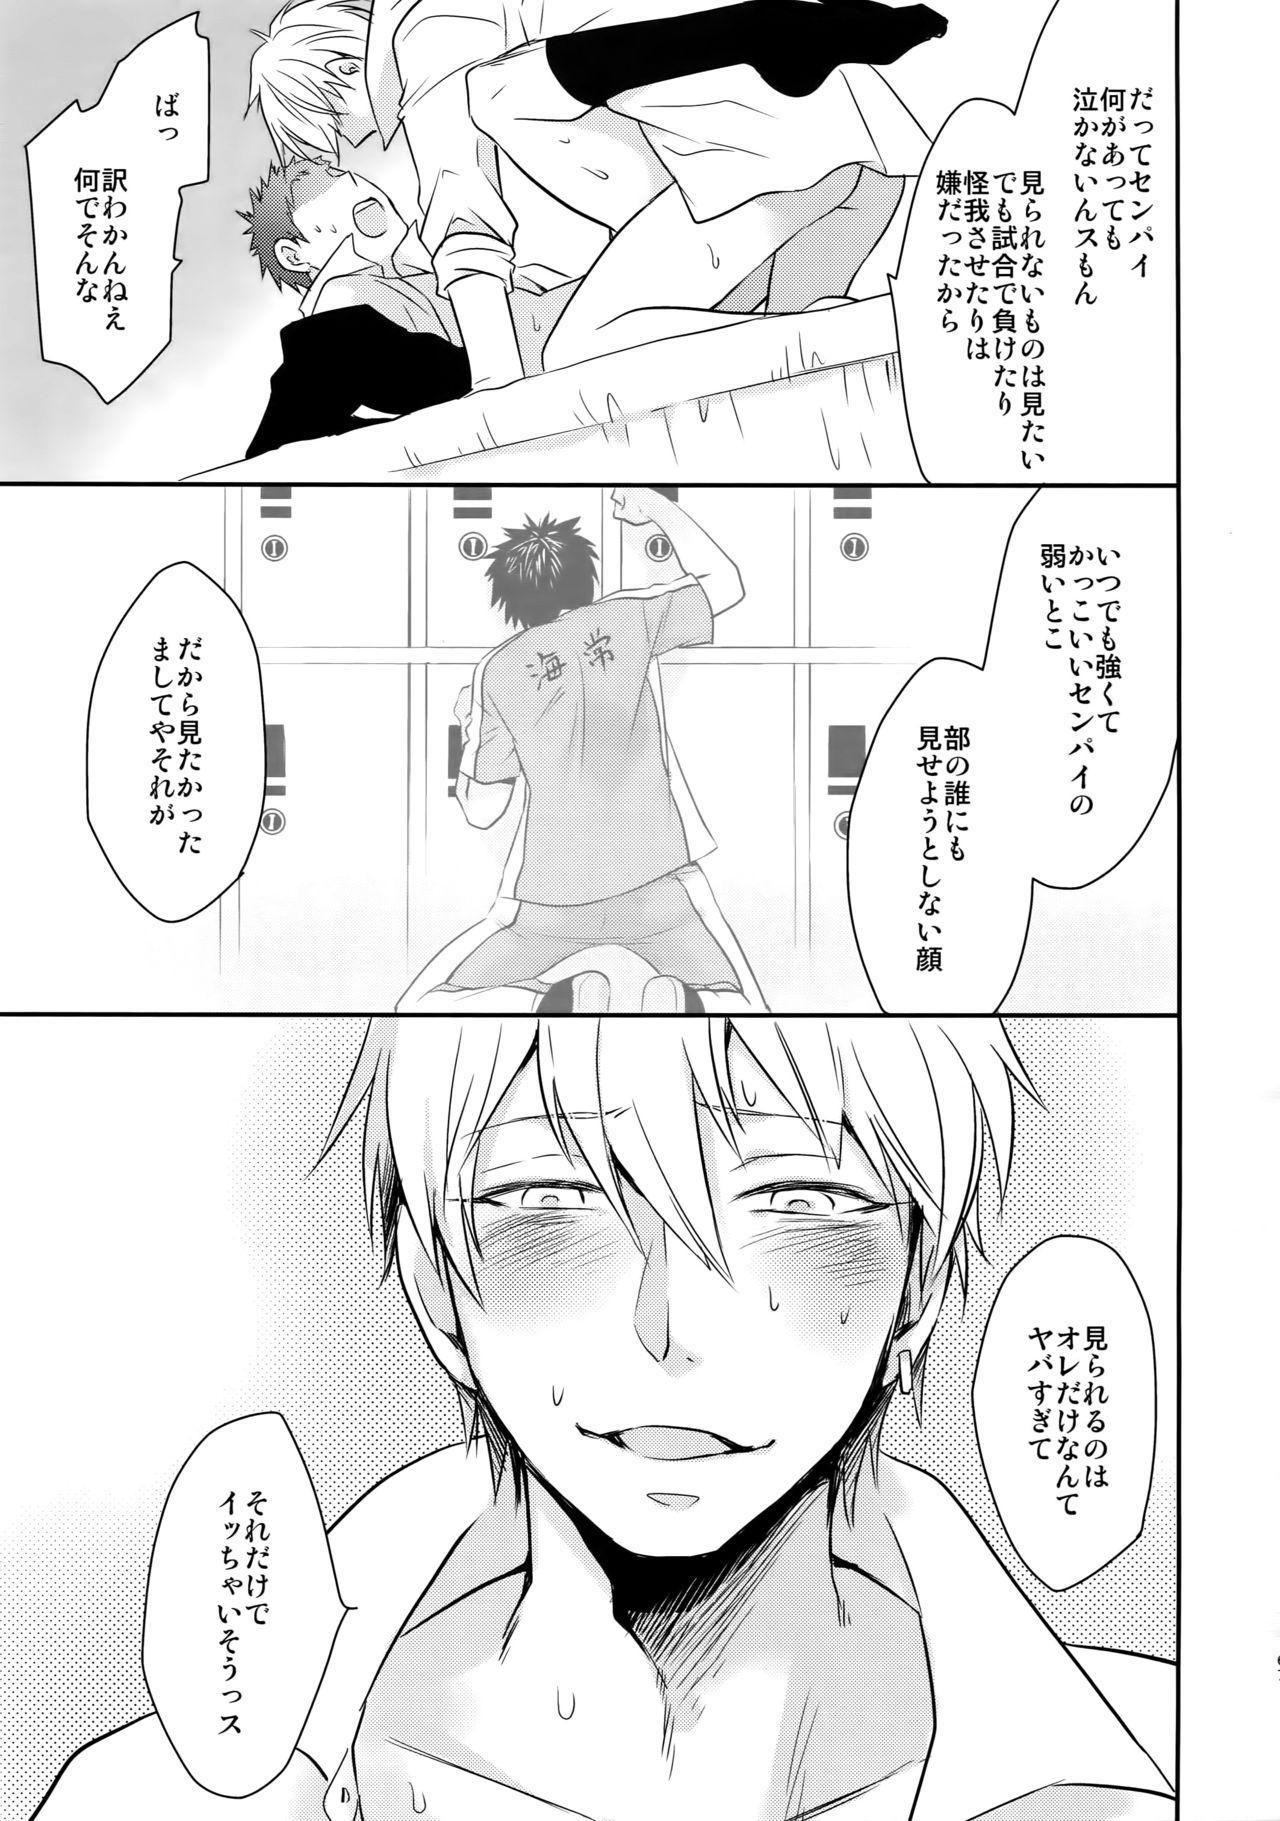 [Bakuchi Jinsei SP (Satsuki Fumi)] Kanpeki Kareshi to Zettai Ryouiki Ouji-sama - Another Version - (Kuroko no Basket) 65